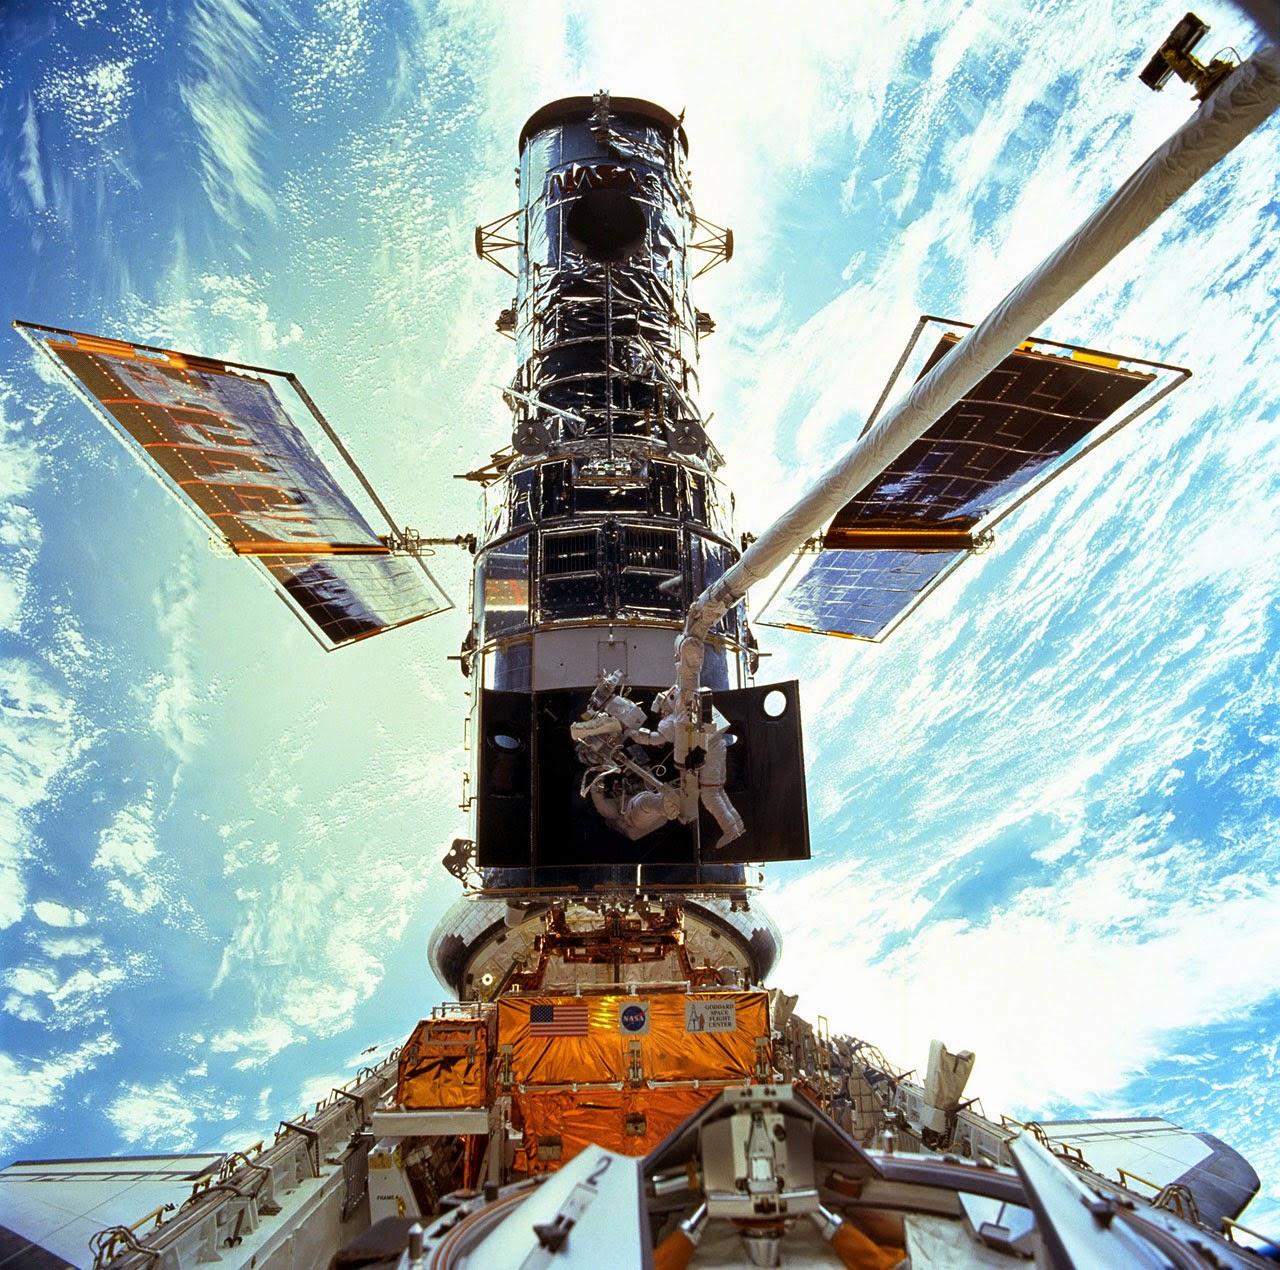 Высоко над Землёй астронавты занимаются ремонтом телескопа Хаббл, пристыкованного к космическому челоноку (в нижней части изображения)